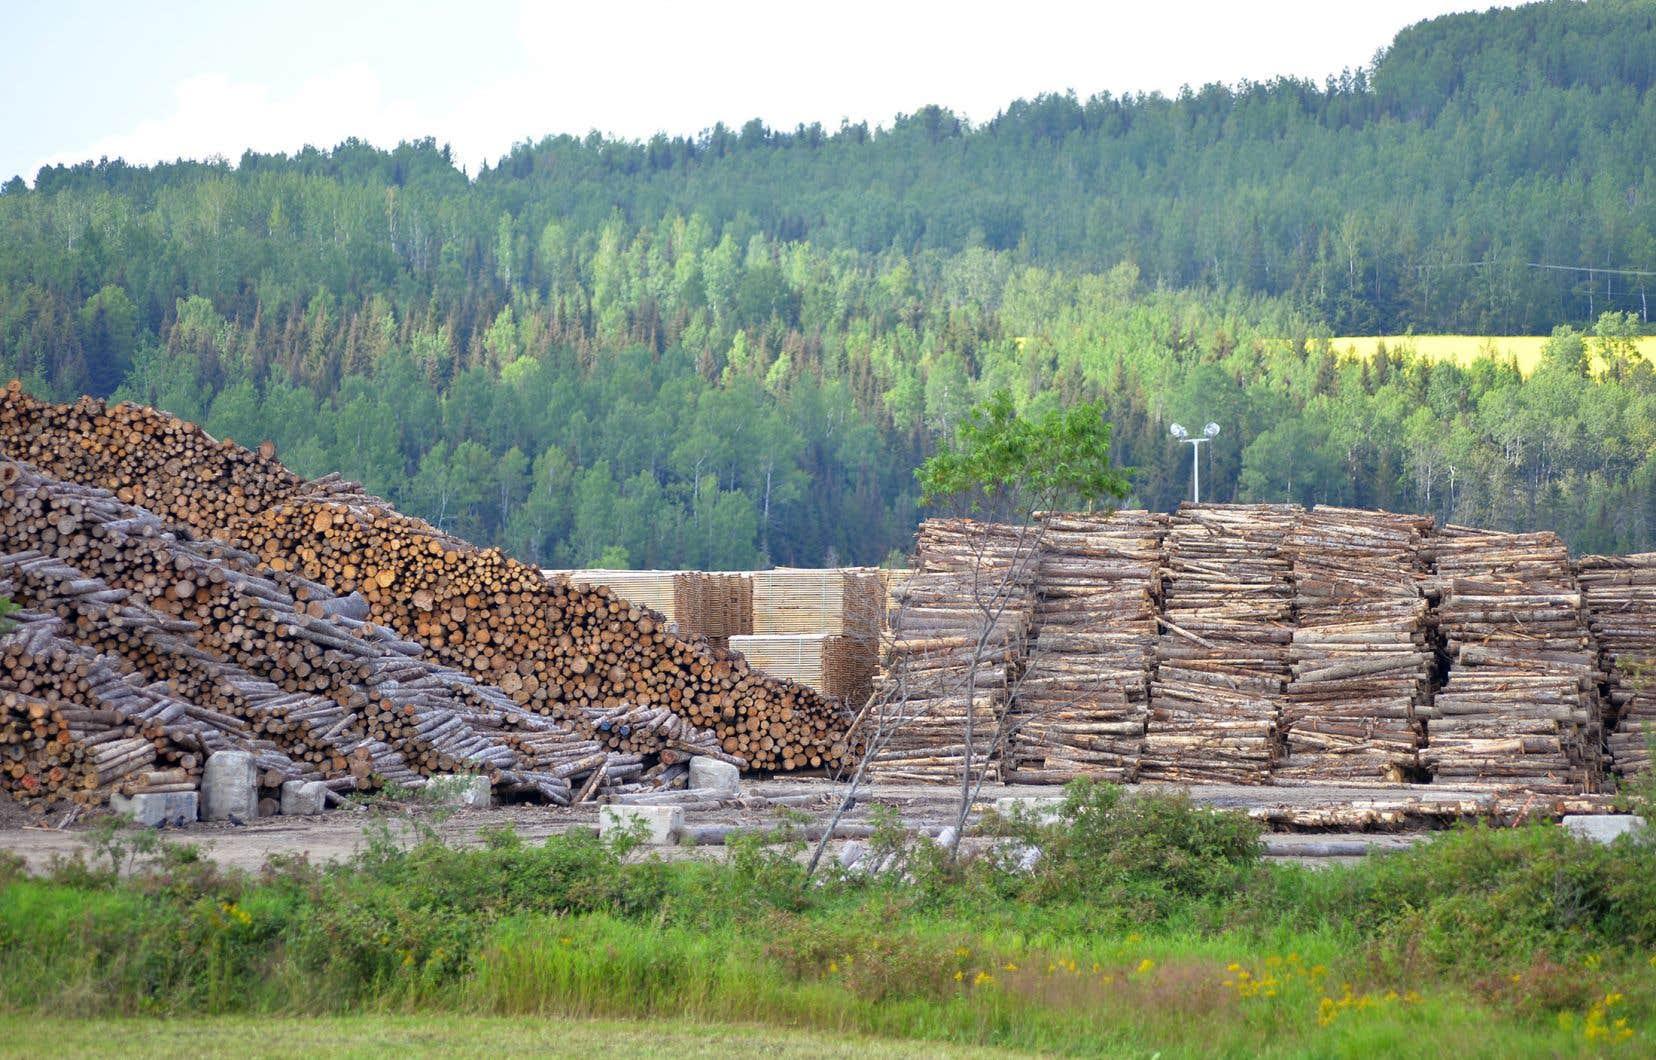 «Sur le plan pratique, il est urgent, selon nous, d'agir en utilisant nos forêts et les produits forestiers pour séquestrer et stocker le carbone», écrivent les auteurs.